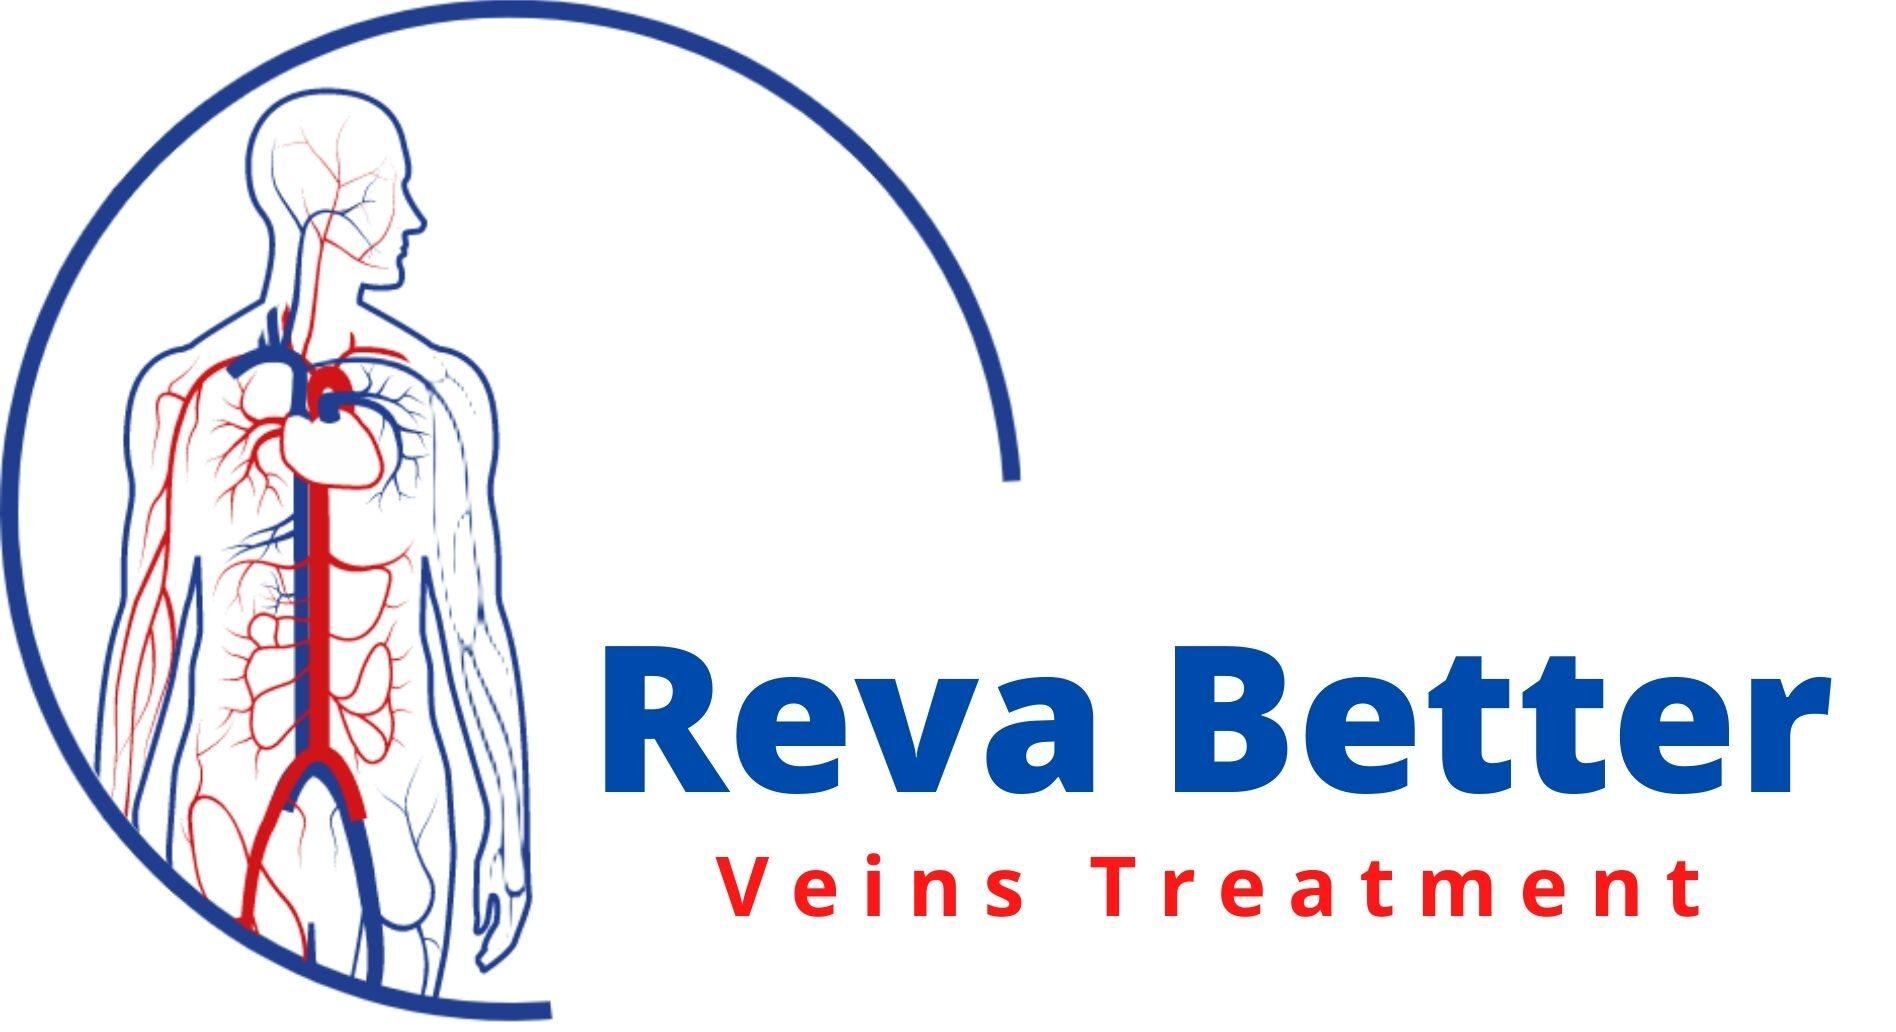 Reva Better, Revabetter